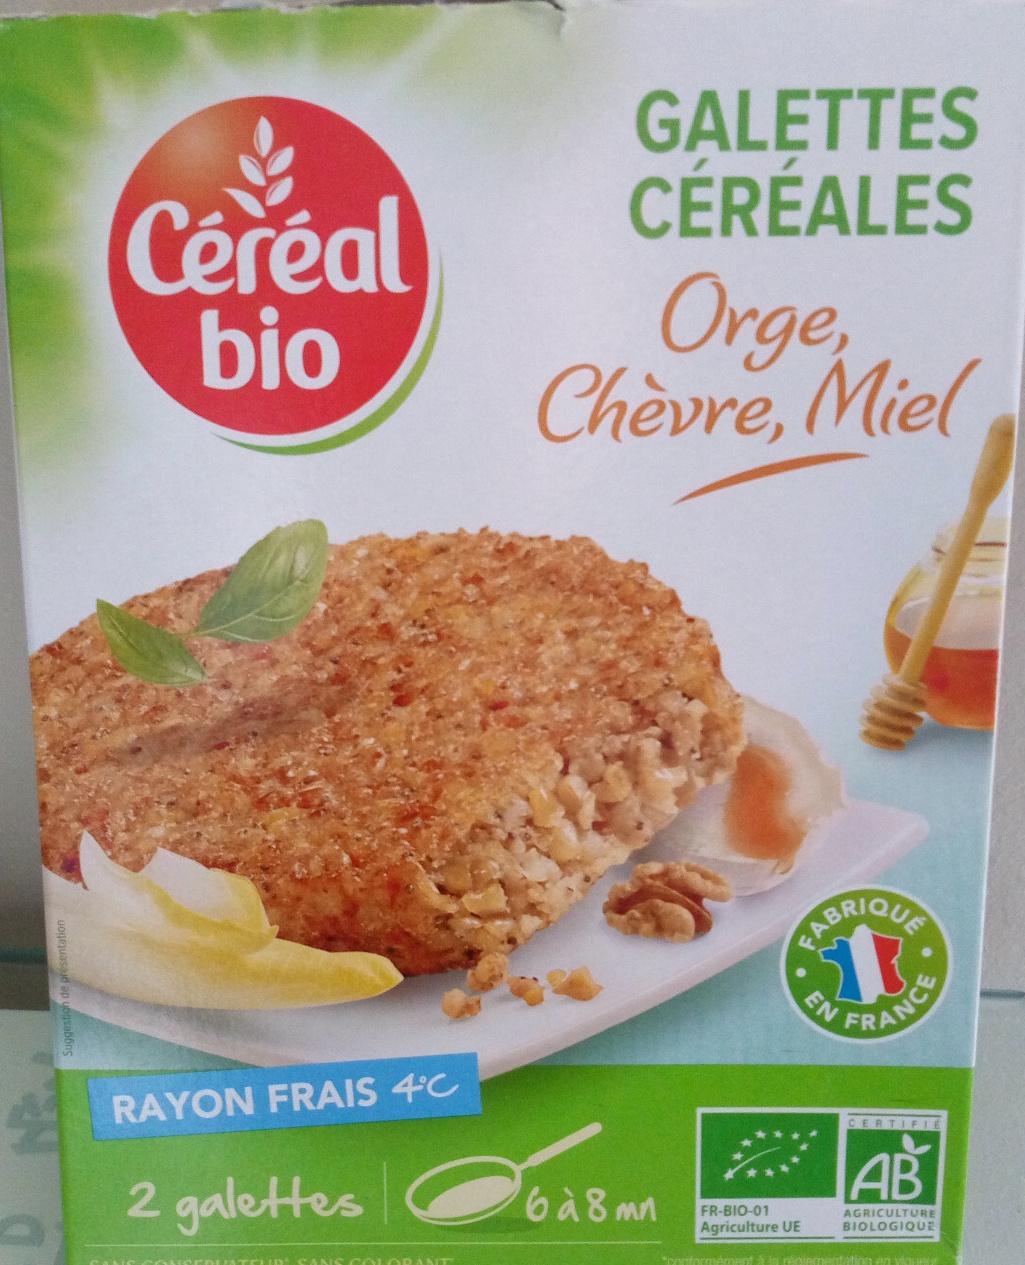 Céréal Bio - Galettes Céréales Orge, chèvre et miel - Product